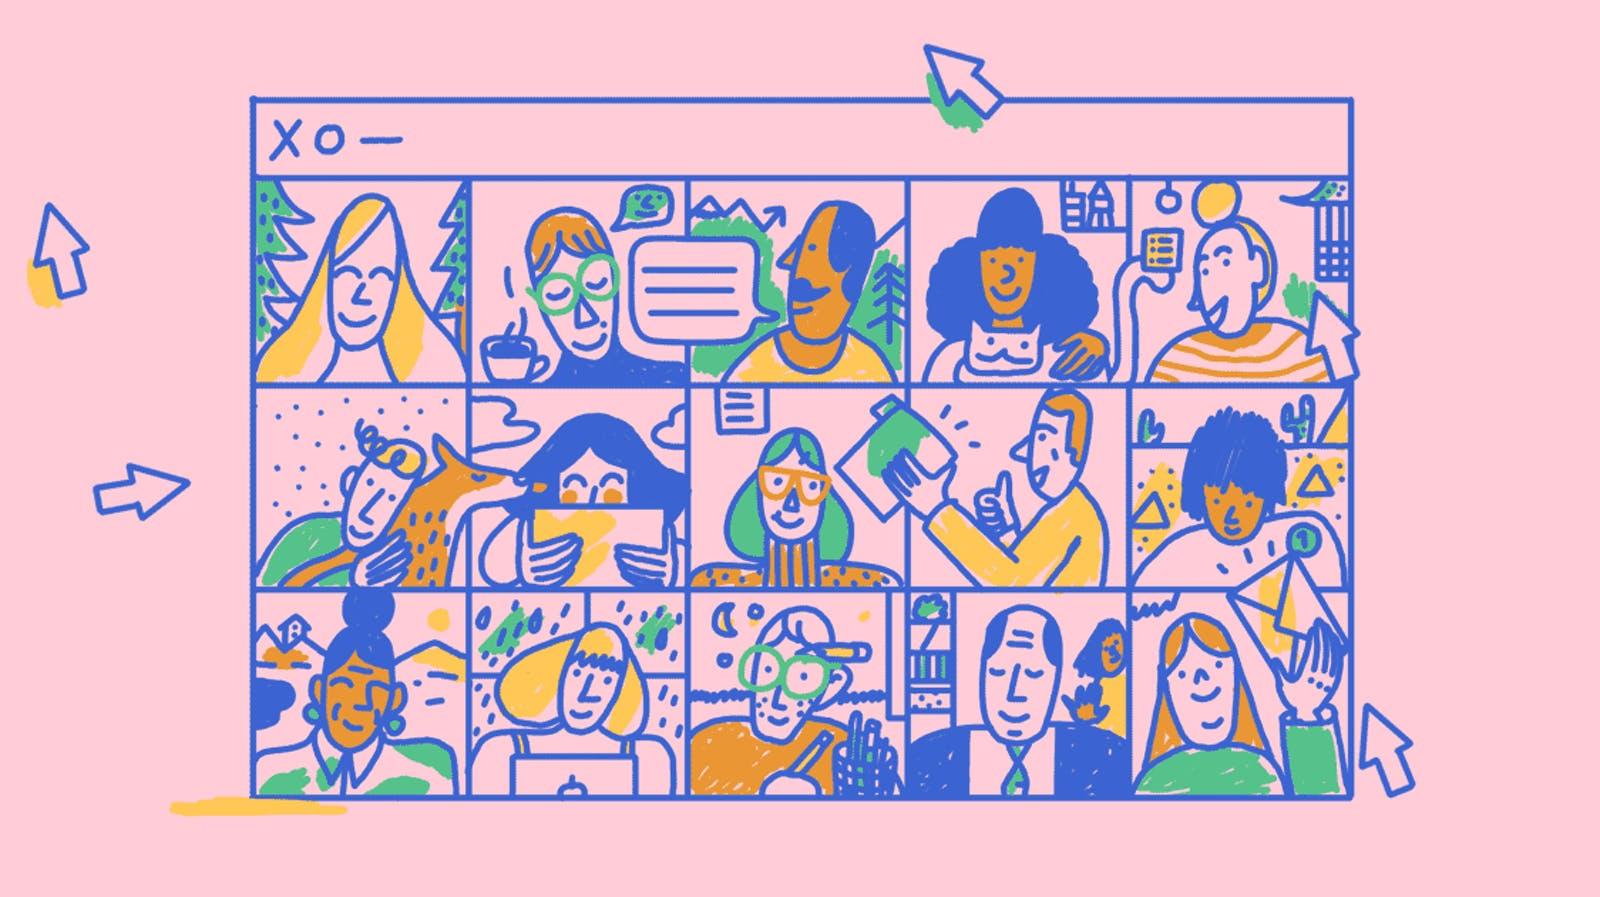 如何打造优秀的远程公司文化